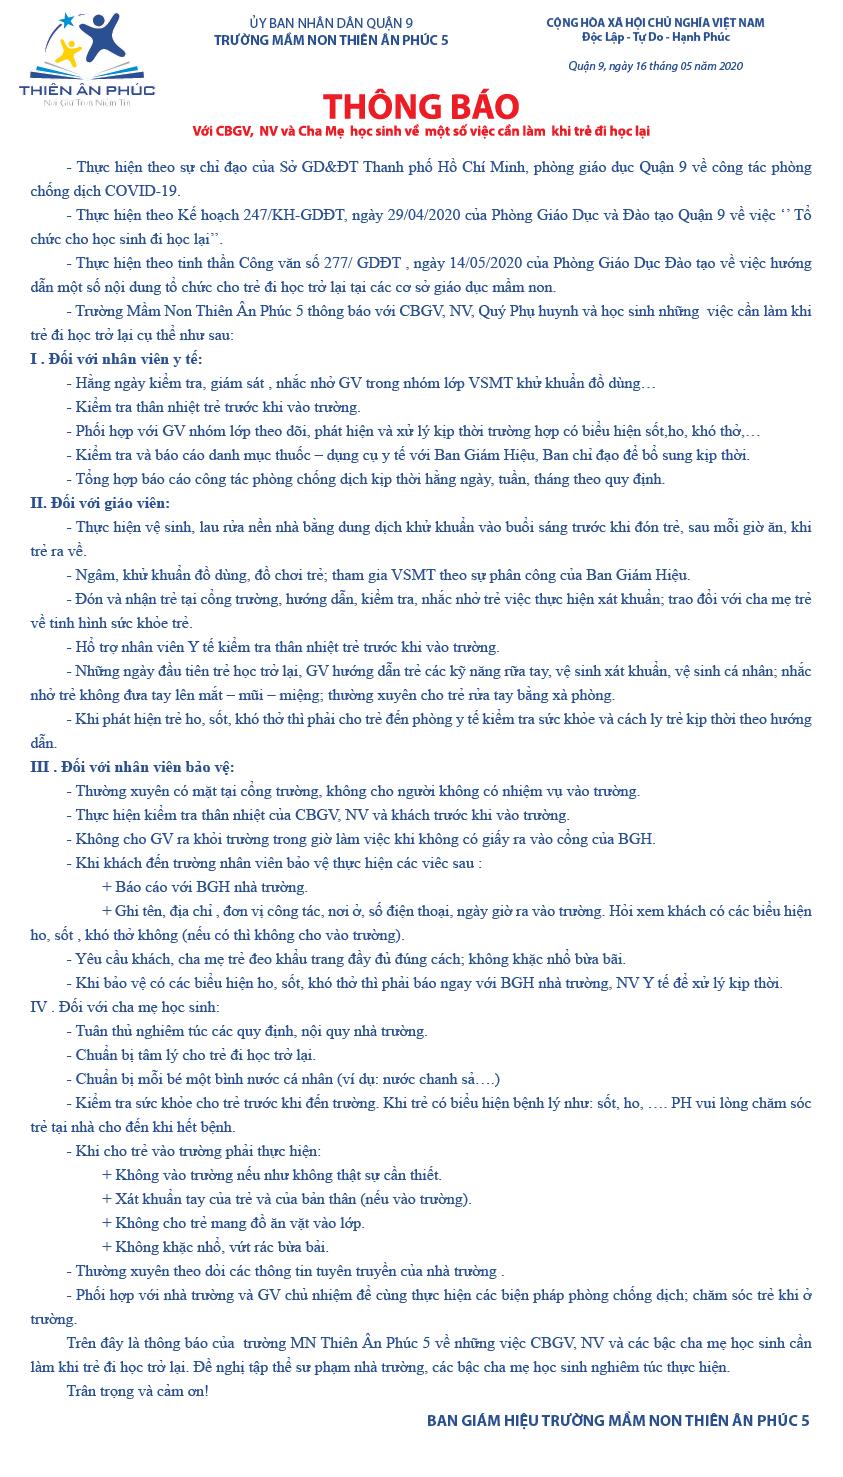 THÔNG BÁO VỀ MỘT SỐ VIỆC CẦN LÀM KHI BA MẸ ĐƯA TRẺ ĐI HỌC LẠI TẠI TRƯỜNG MẦM NON THIÊN ÂN PHÚC 5